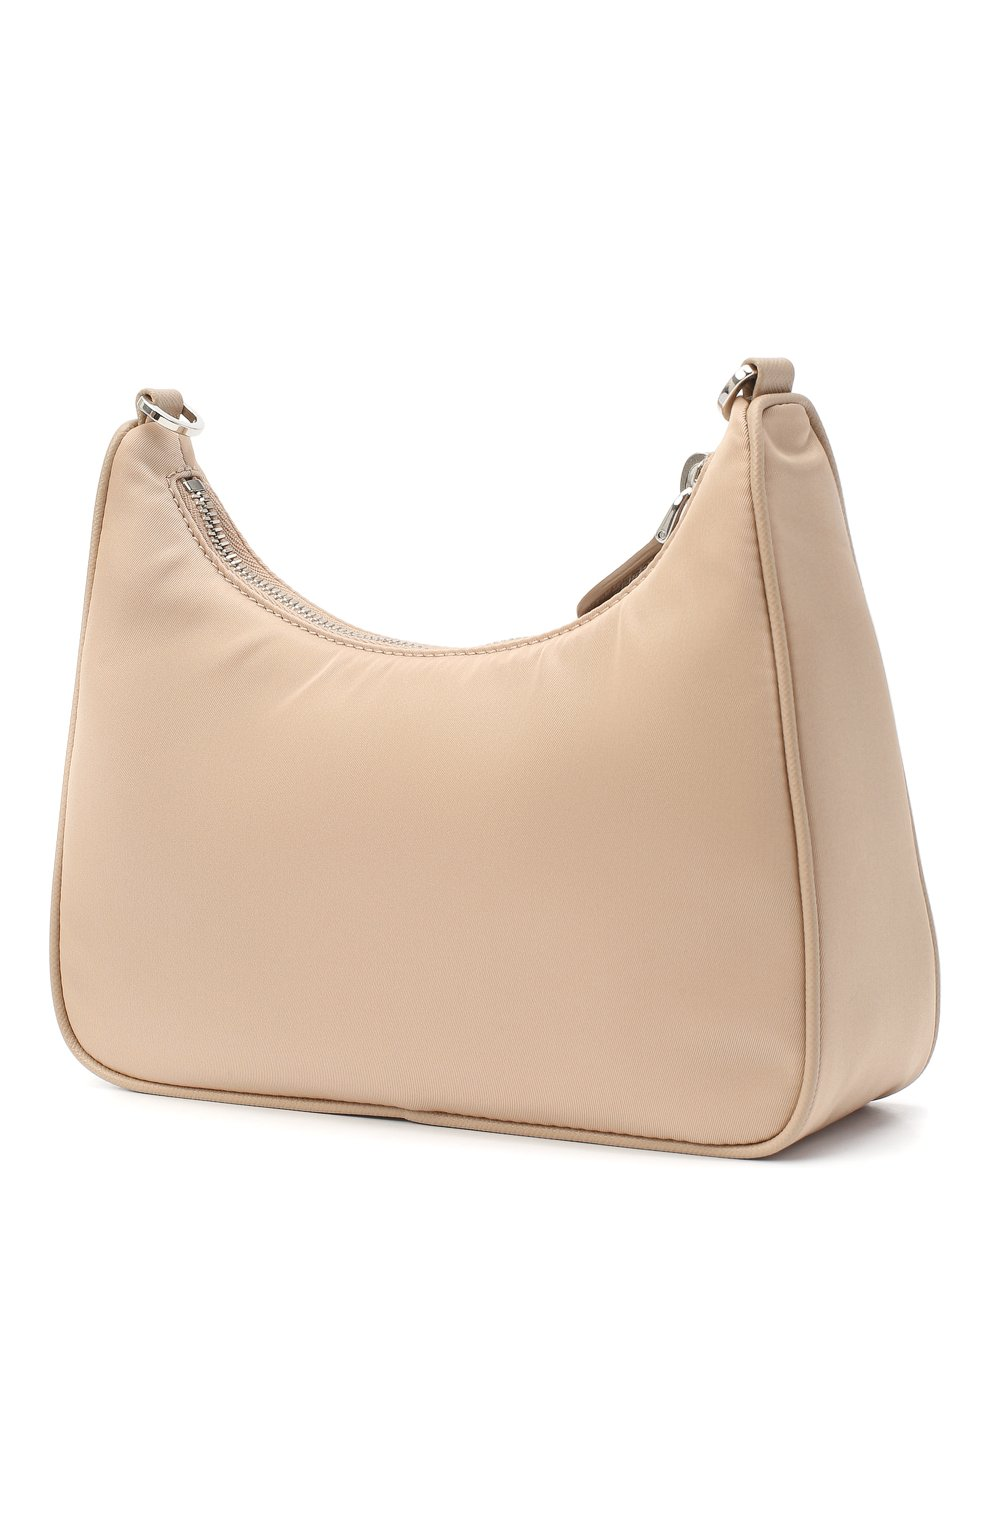 Женская сумка prada re edition bag PRADA бежевого цвета, арт. 1BH204-064-F0770-V1L | Фото 4